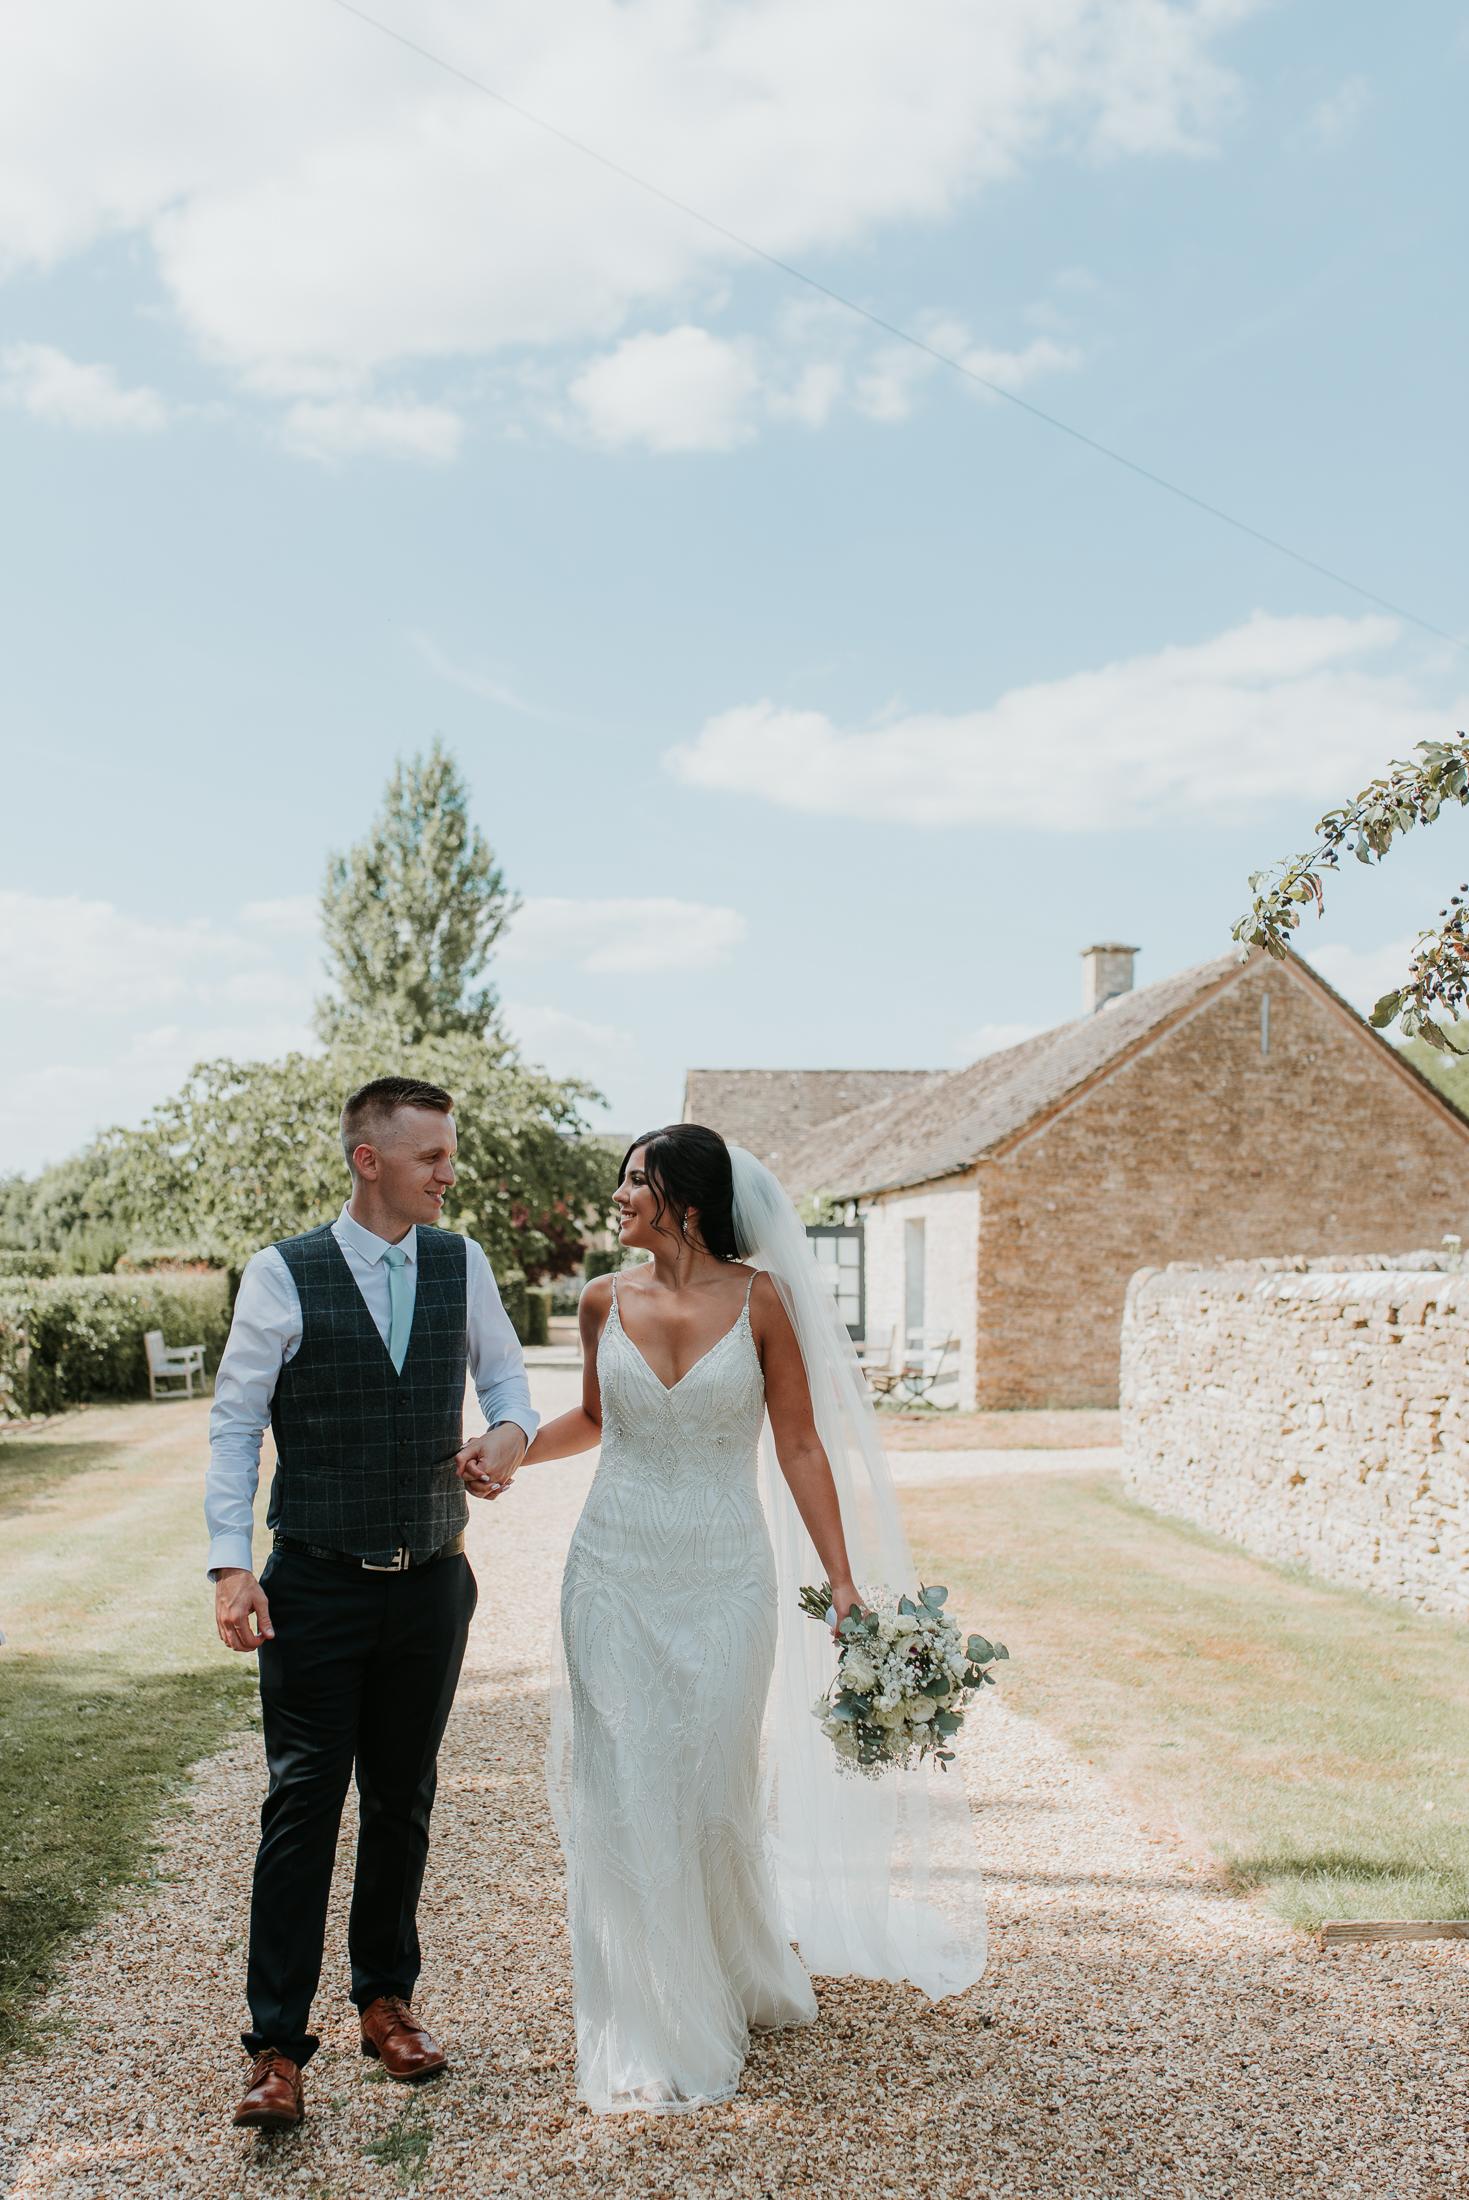 natural wedding photos Oxfordshire